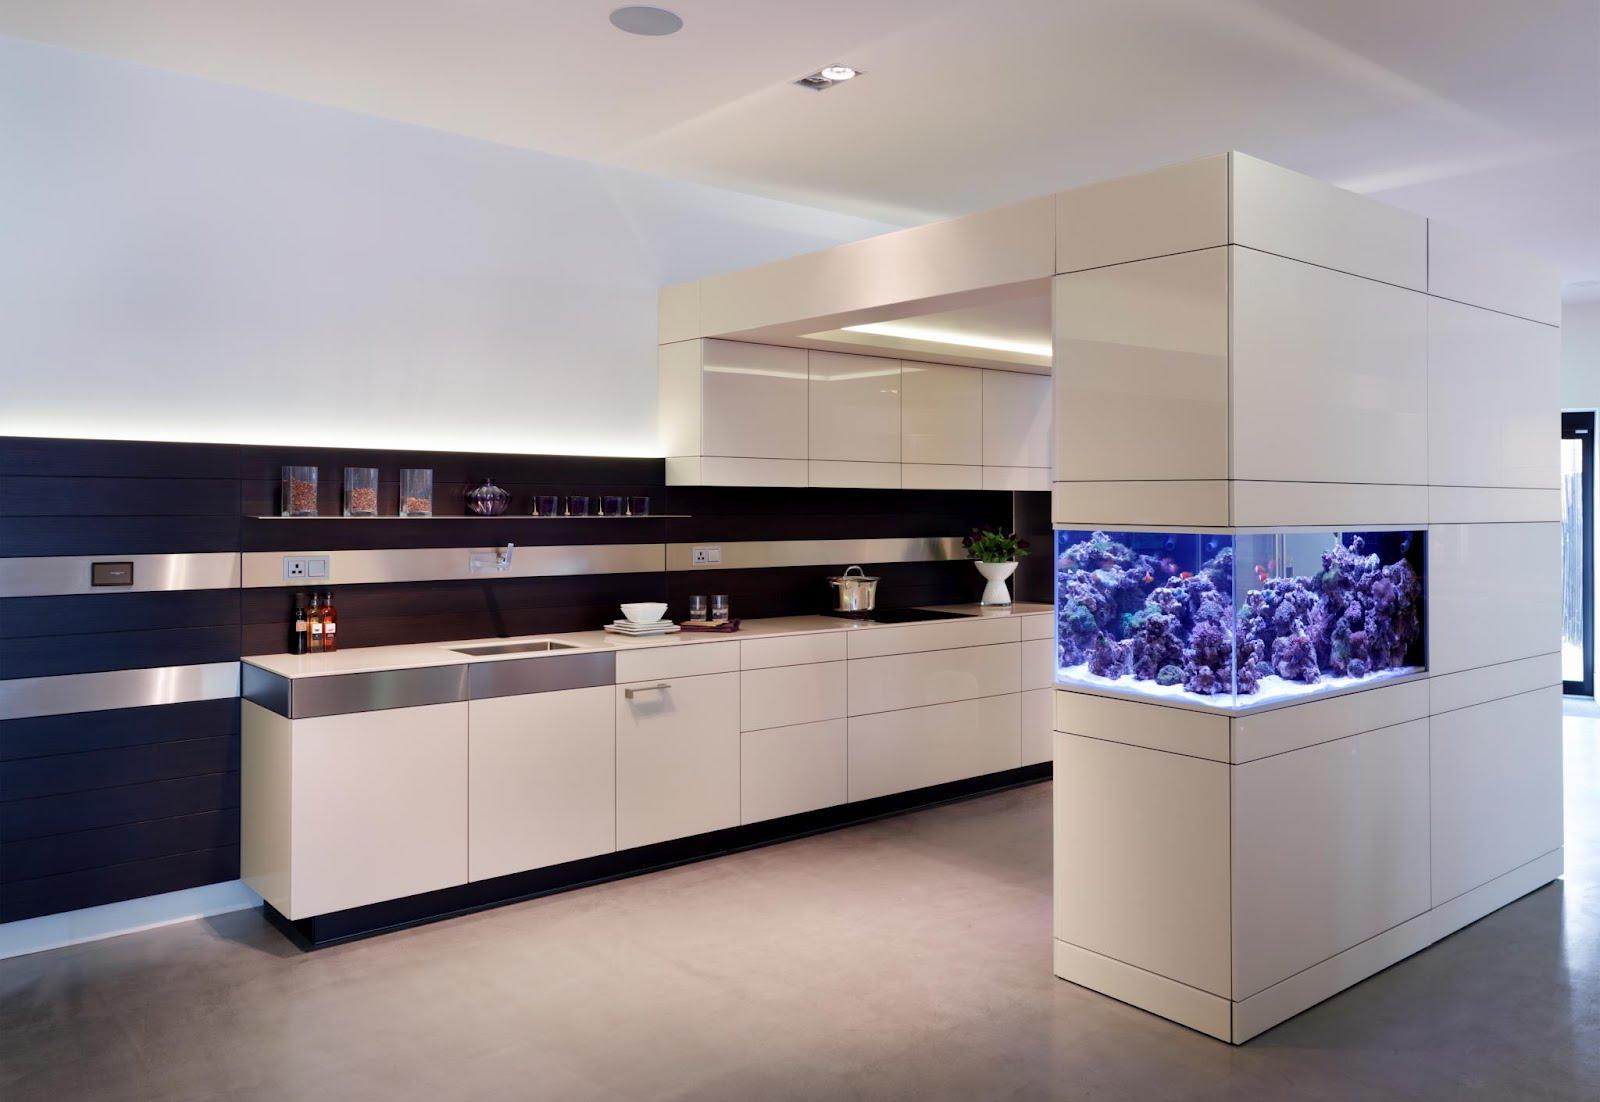 Aquarium in Kitchen